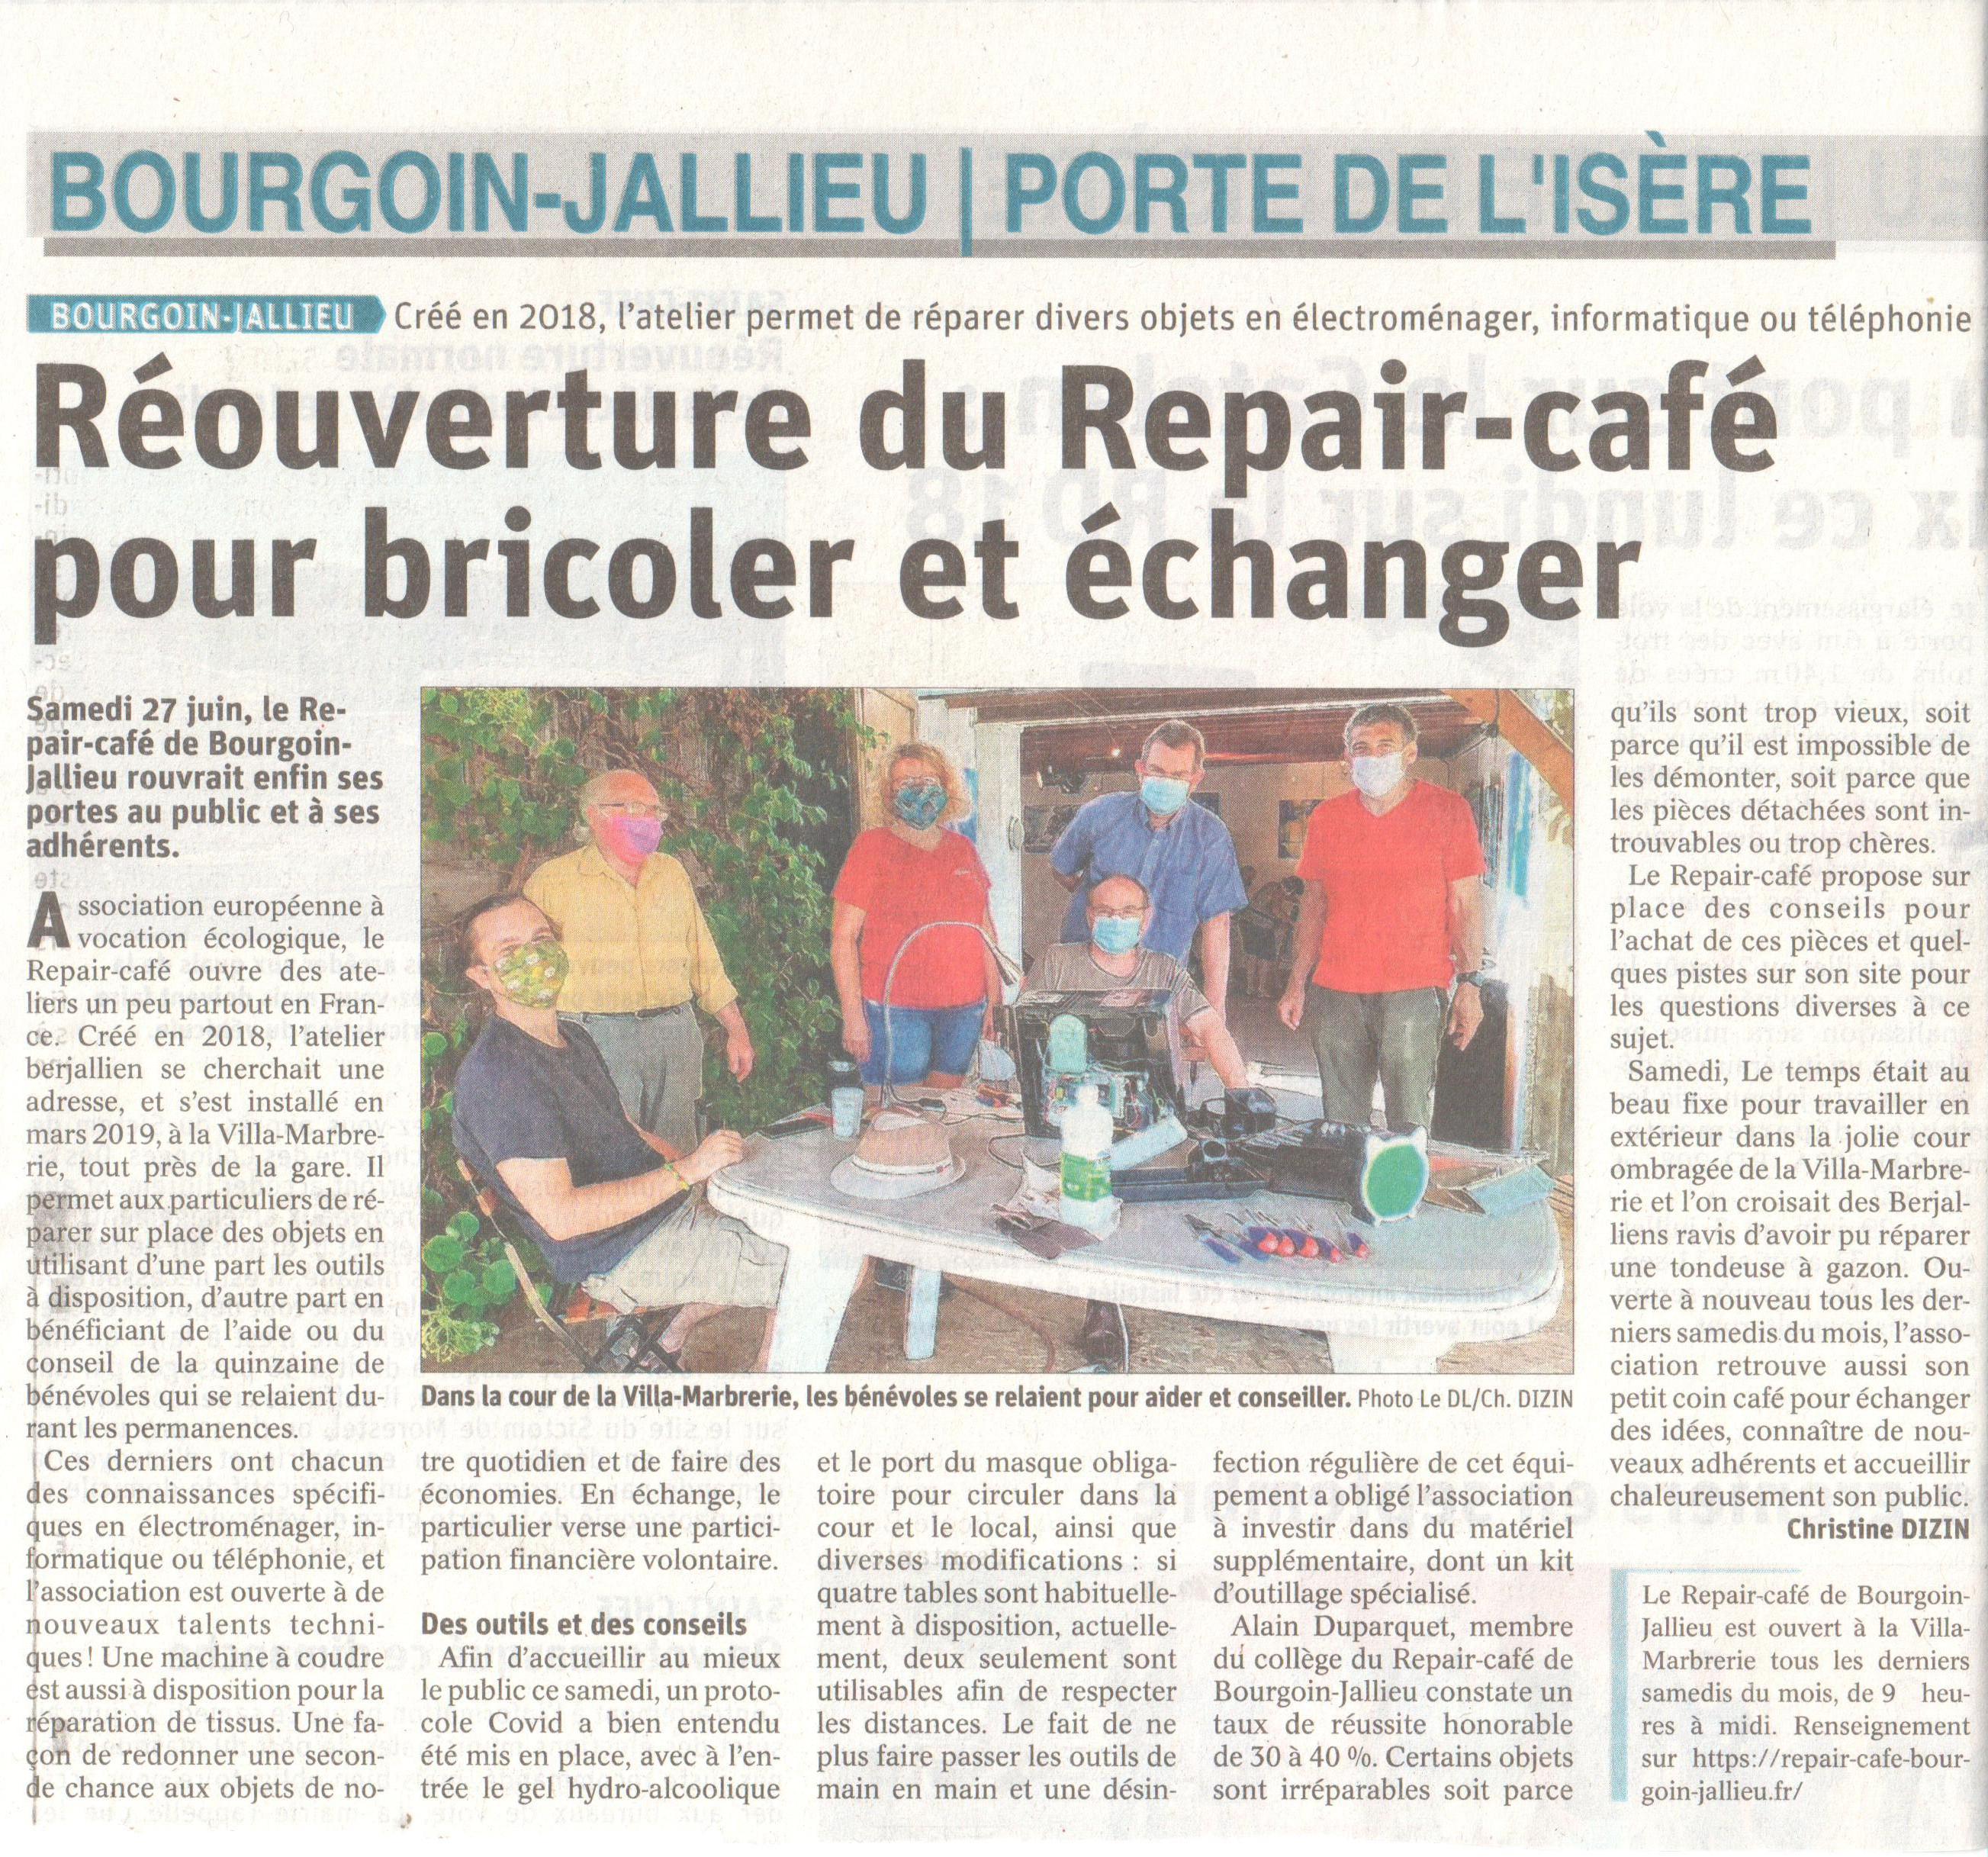 article du Dauphiné Libéré du 28 juin